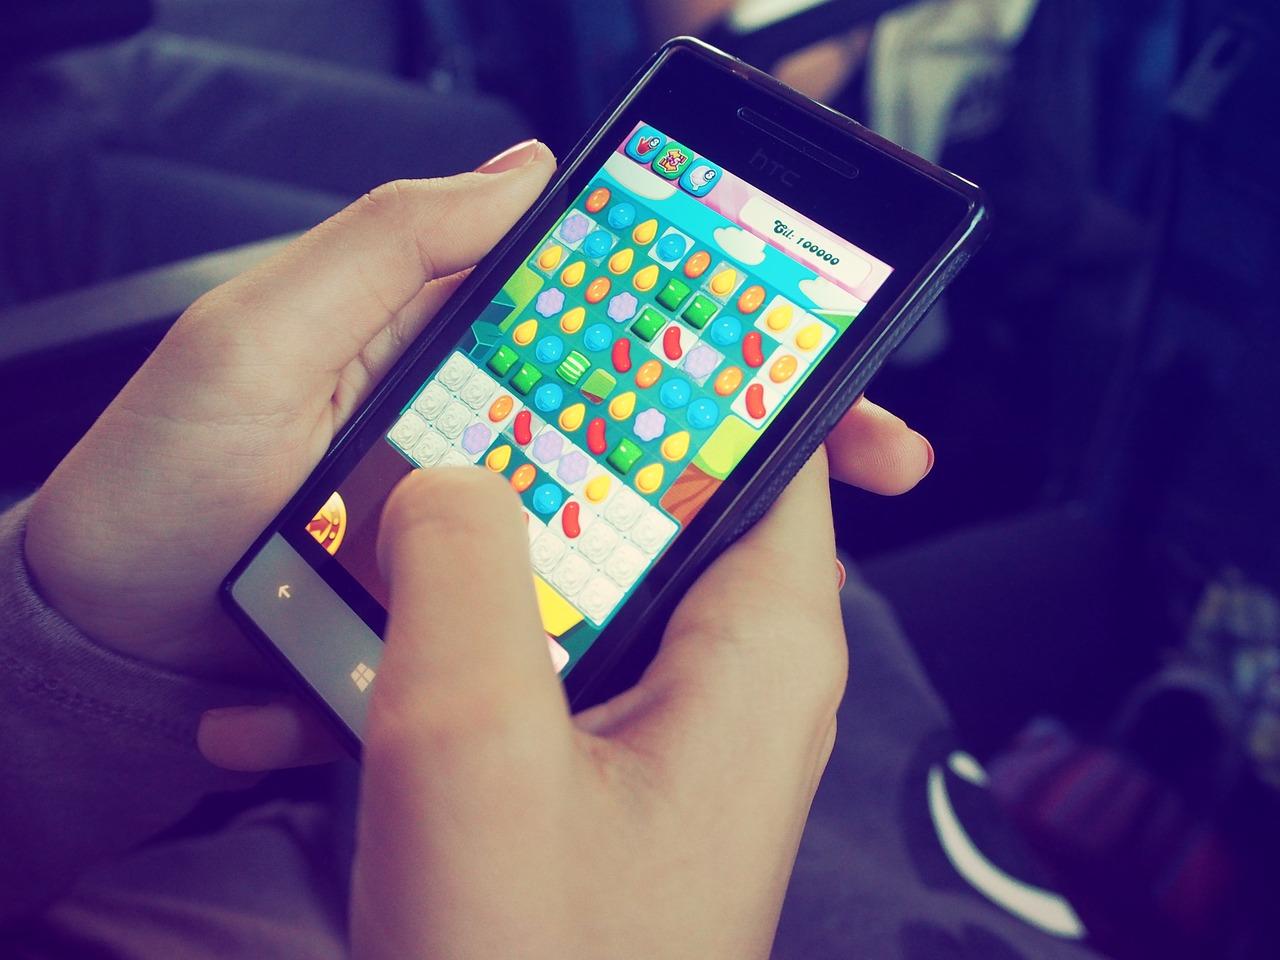 Kobiety grają na smartfonach więcej niż mężczyźni